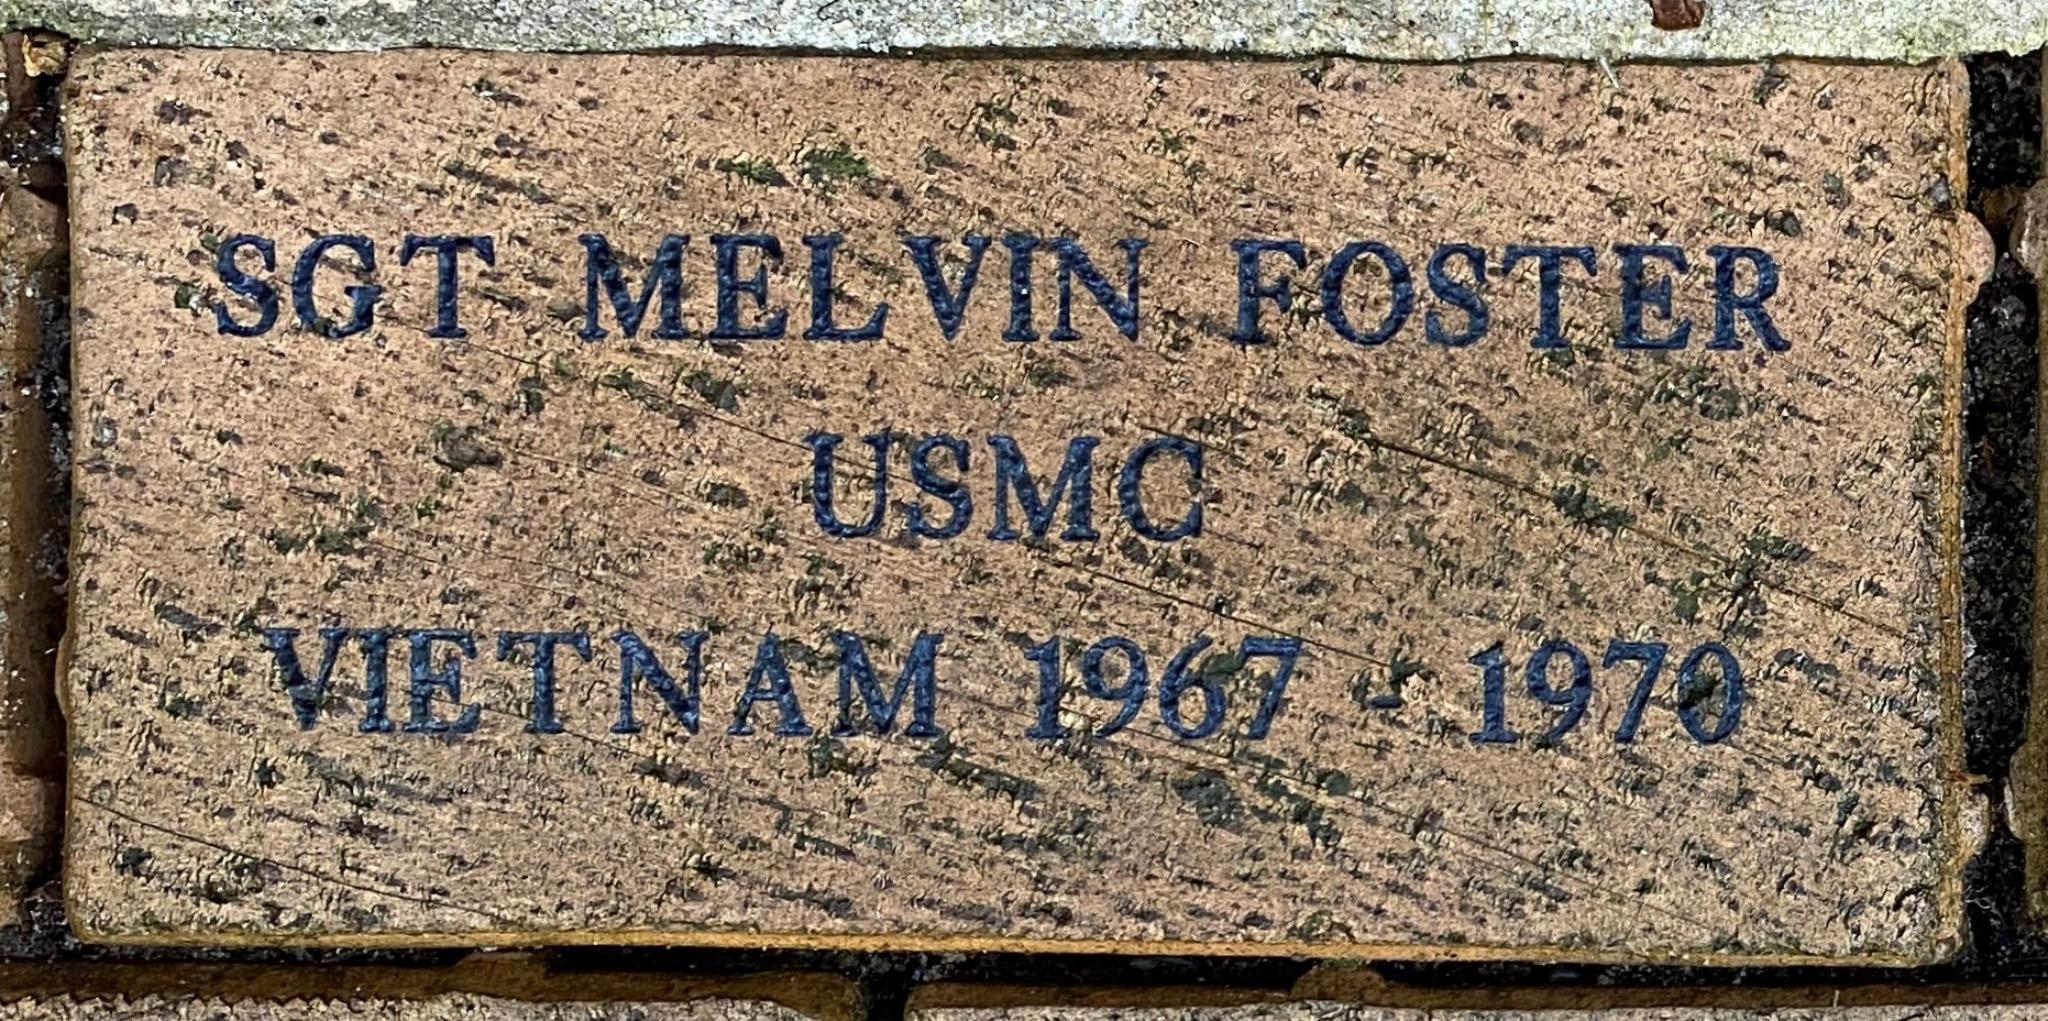 SGT MELVIN FOSTER USMC VIETNAM 1967 – 1970